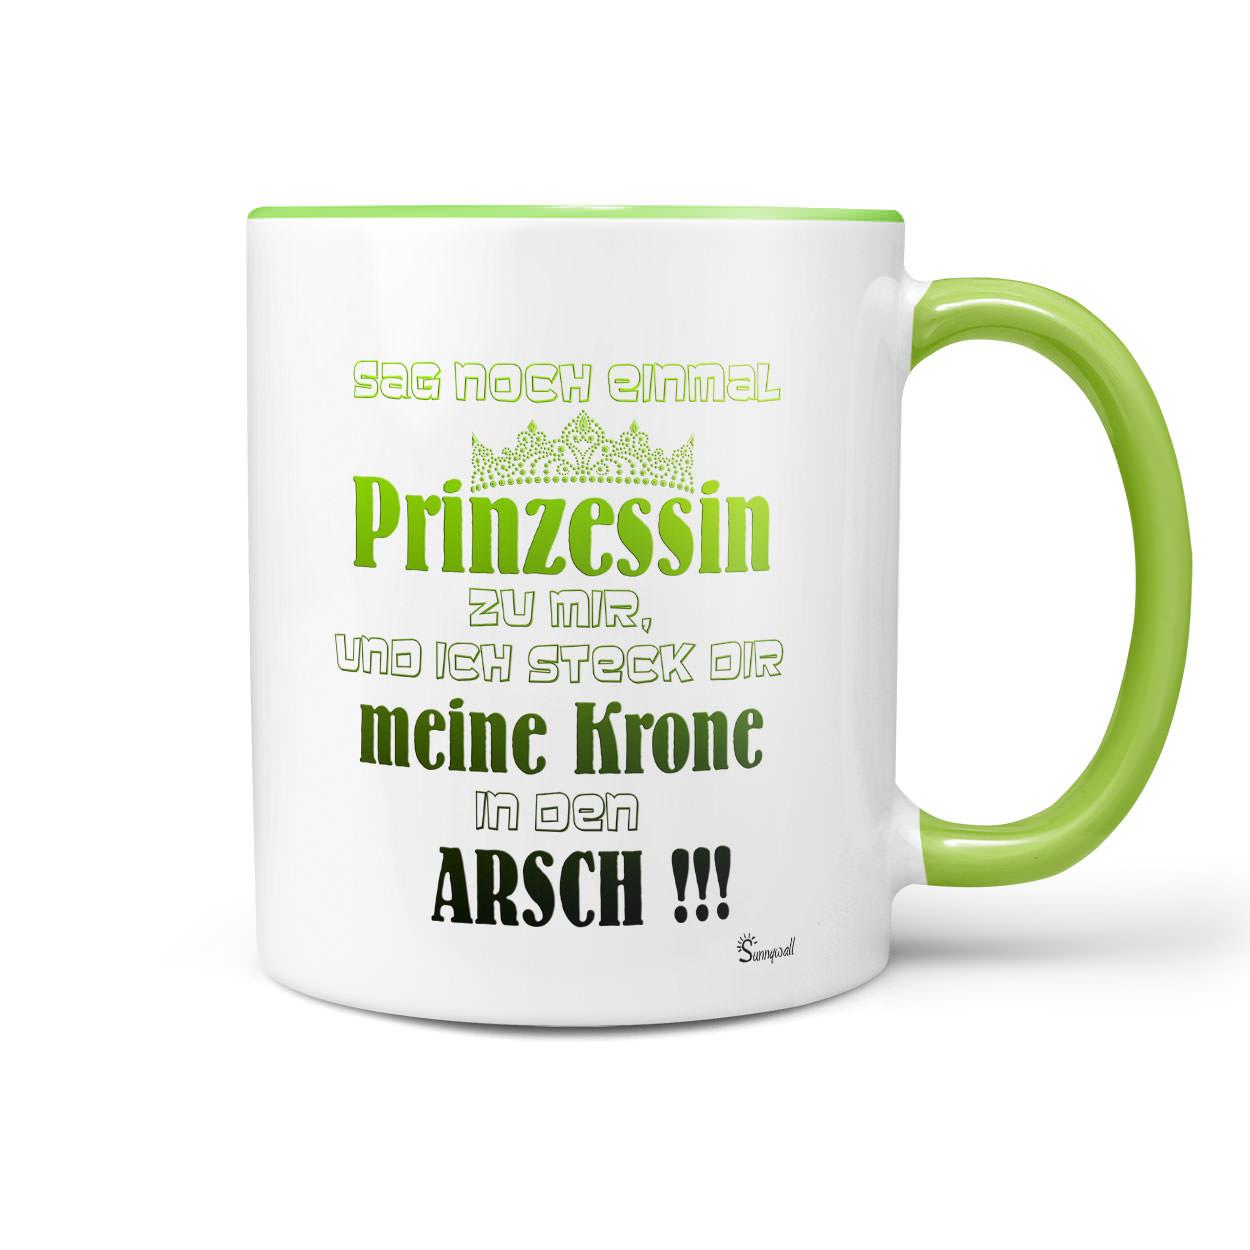 804e26bc909 Kaffeetasse Tasse Becher Prinzessin Krone in den Arsch | Sunnywall Online- Shop